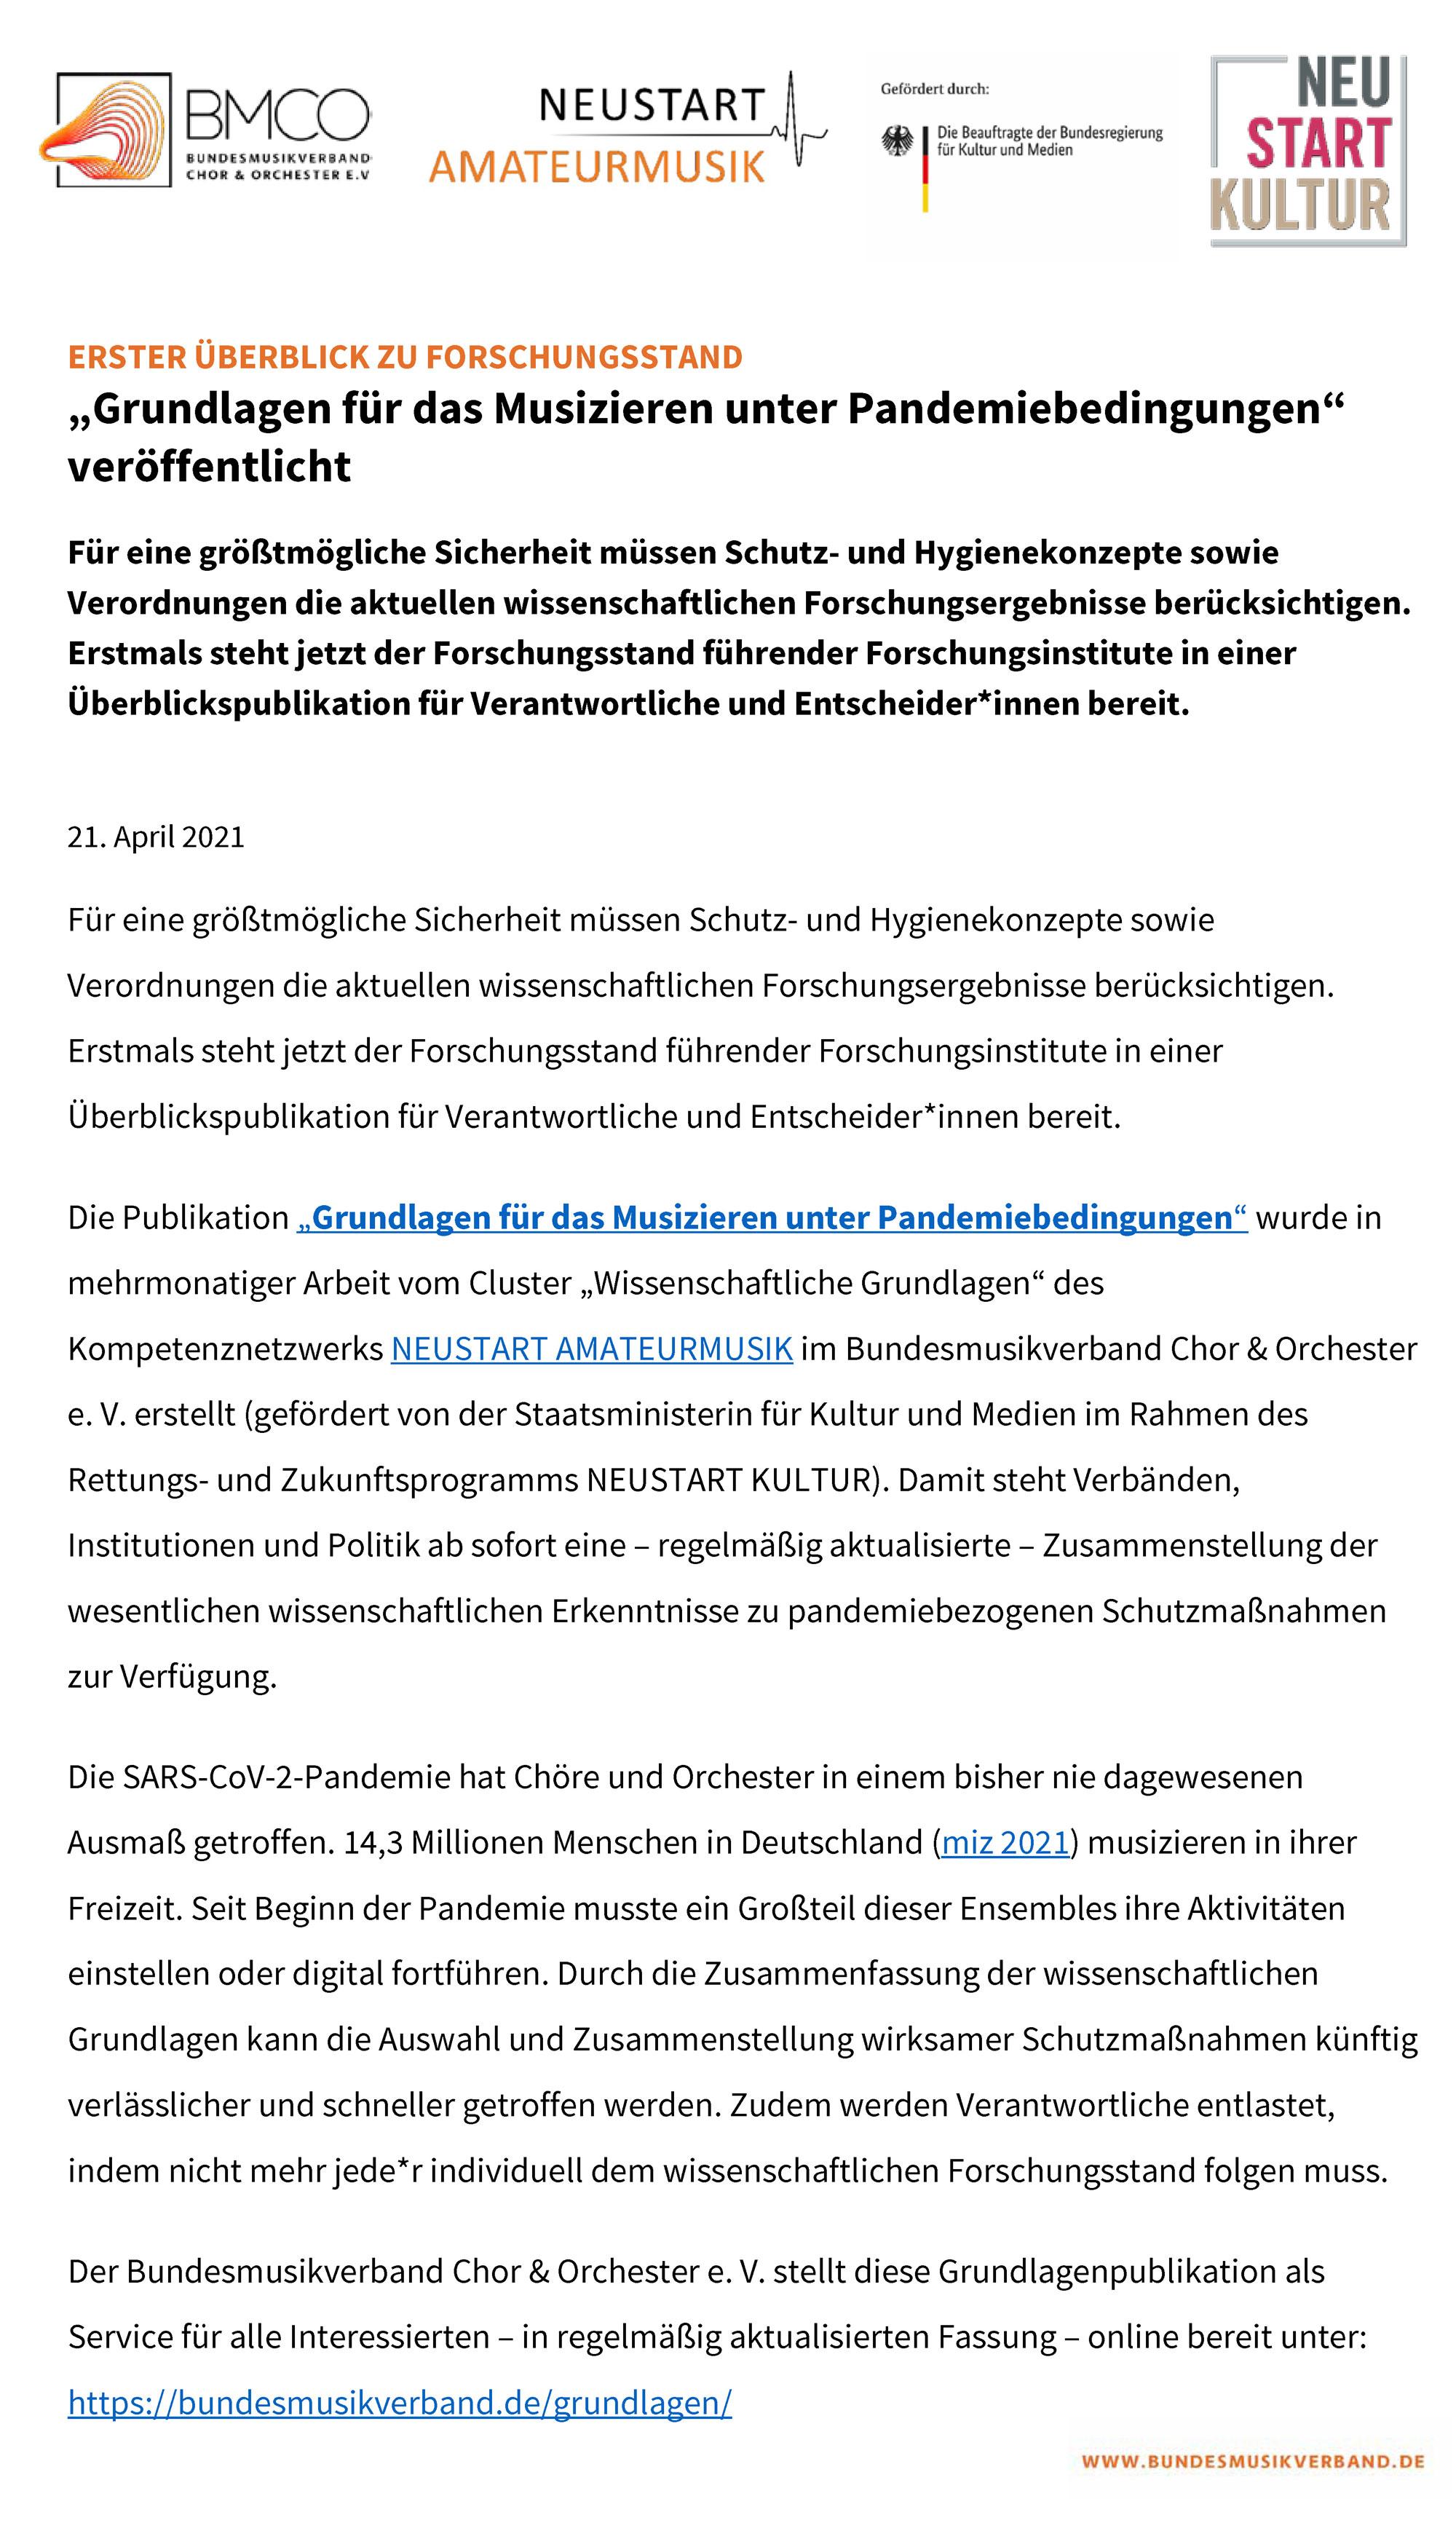 neustart-amateurmusik-04-21-blasmusix-blogR8wyxXsLFPrLU